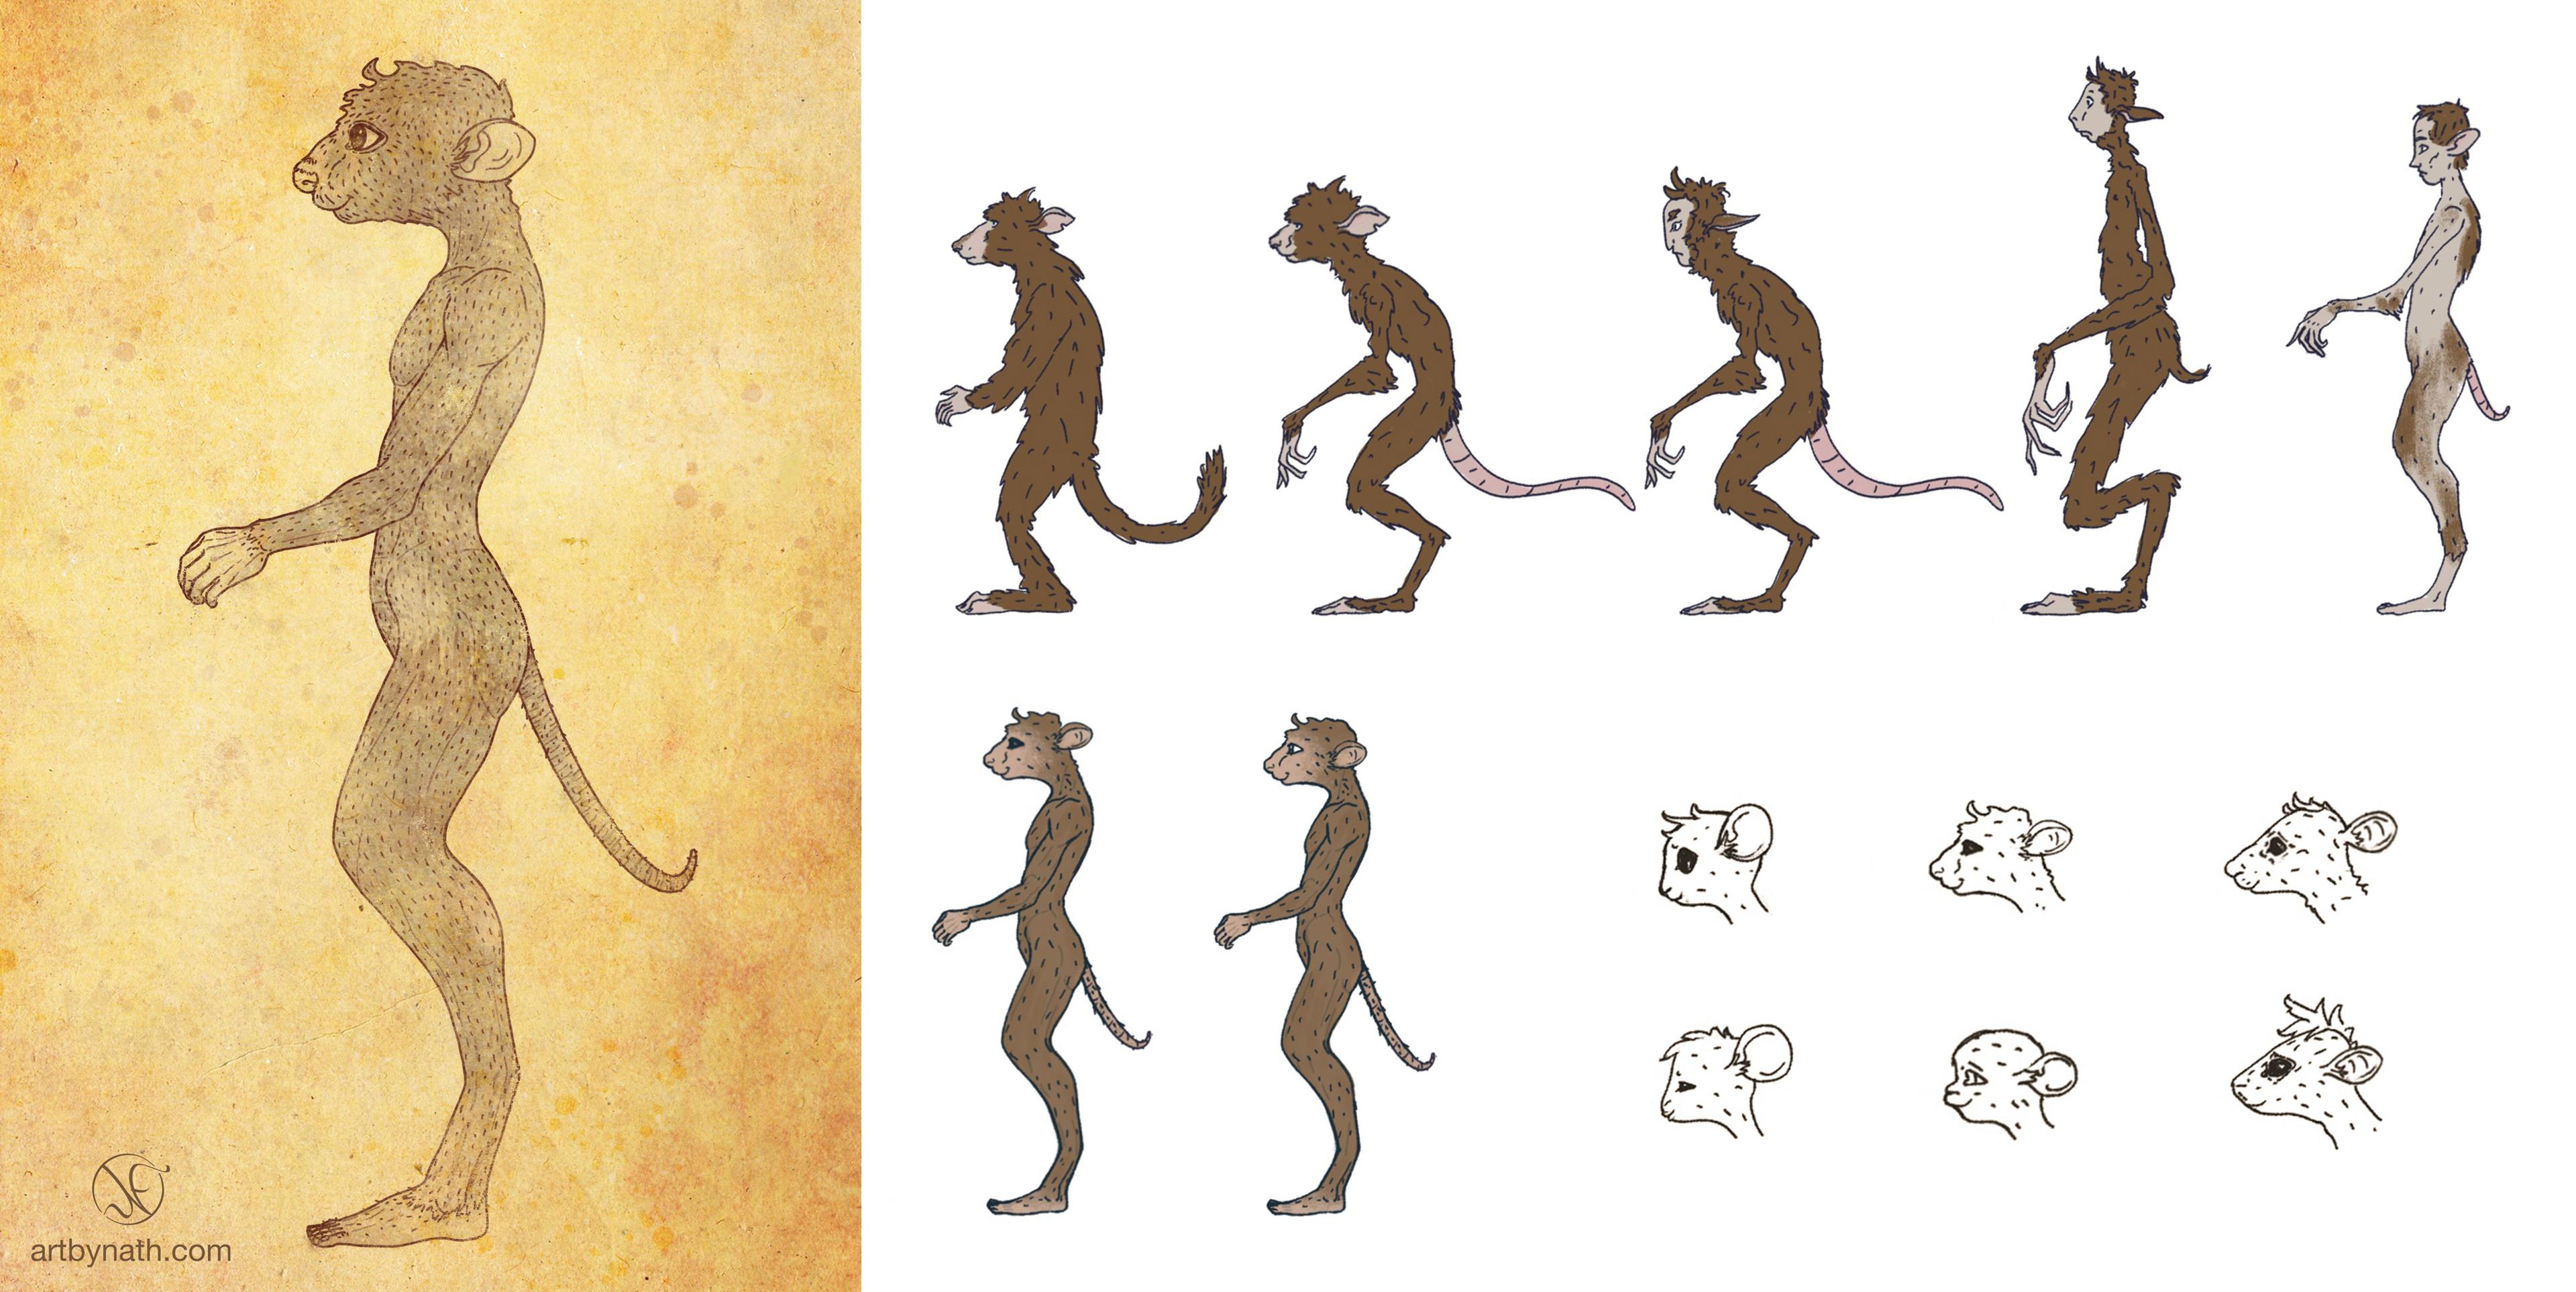 Creature design exploration